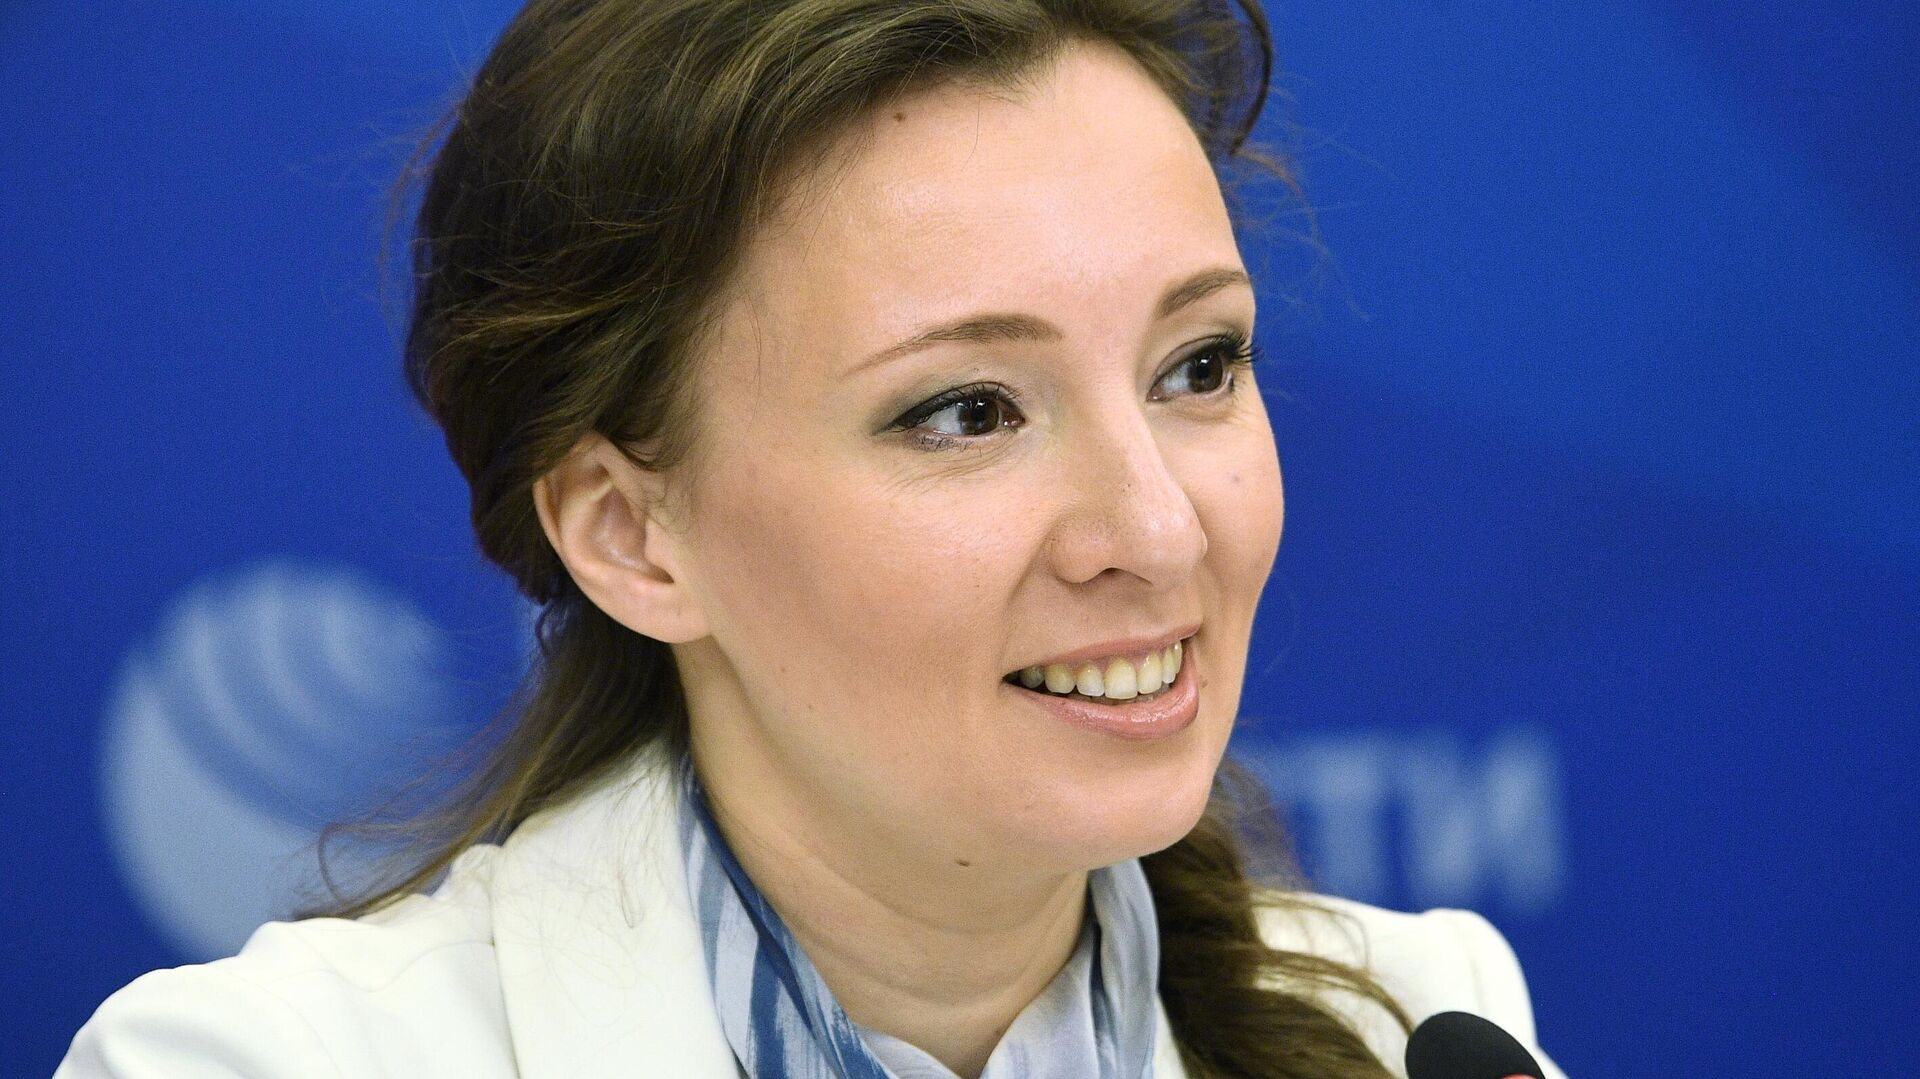 Волонтерство проявилось с новой силой в пандемию, считает Кузнецова